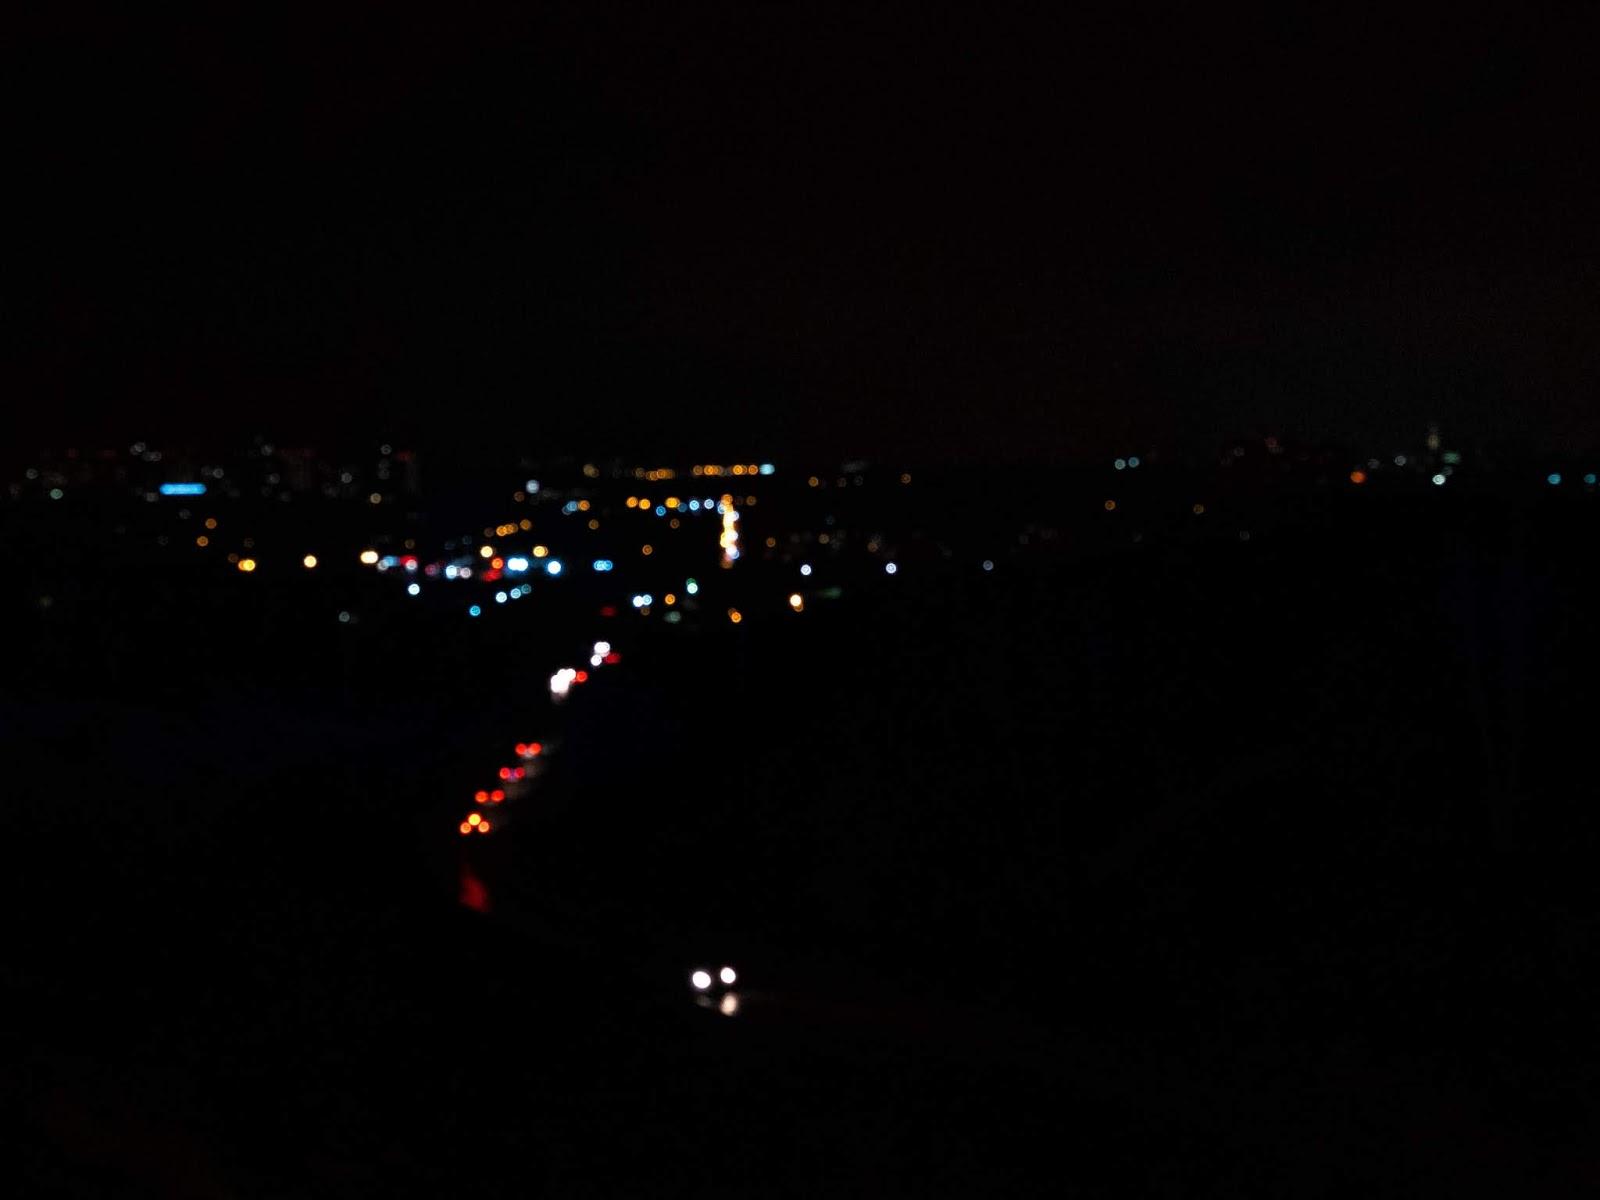 На ночном фото цветное пятно